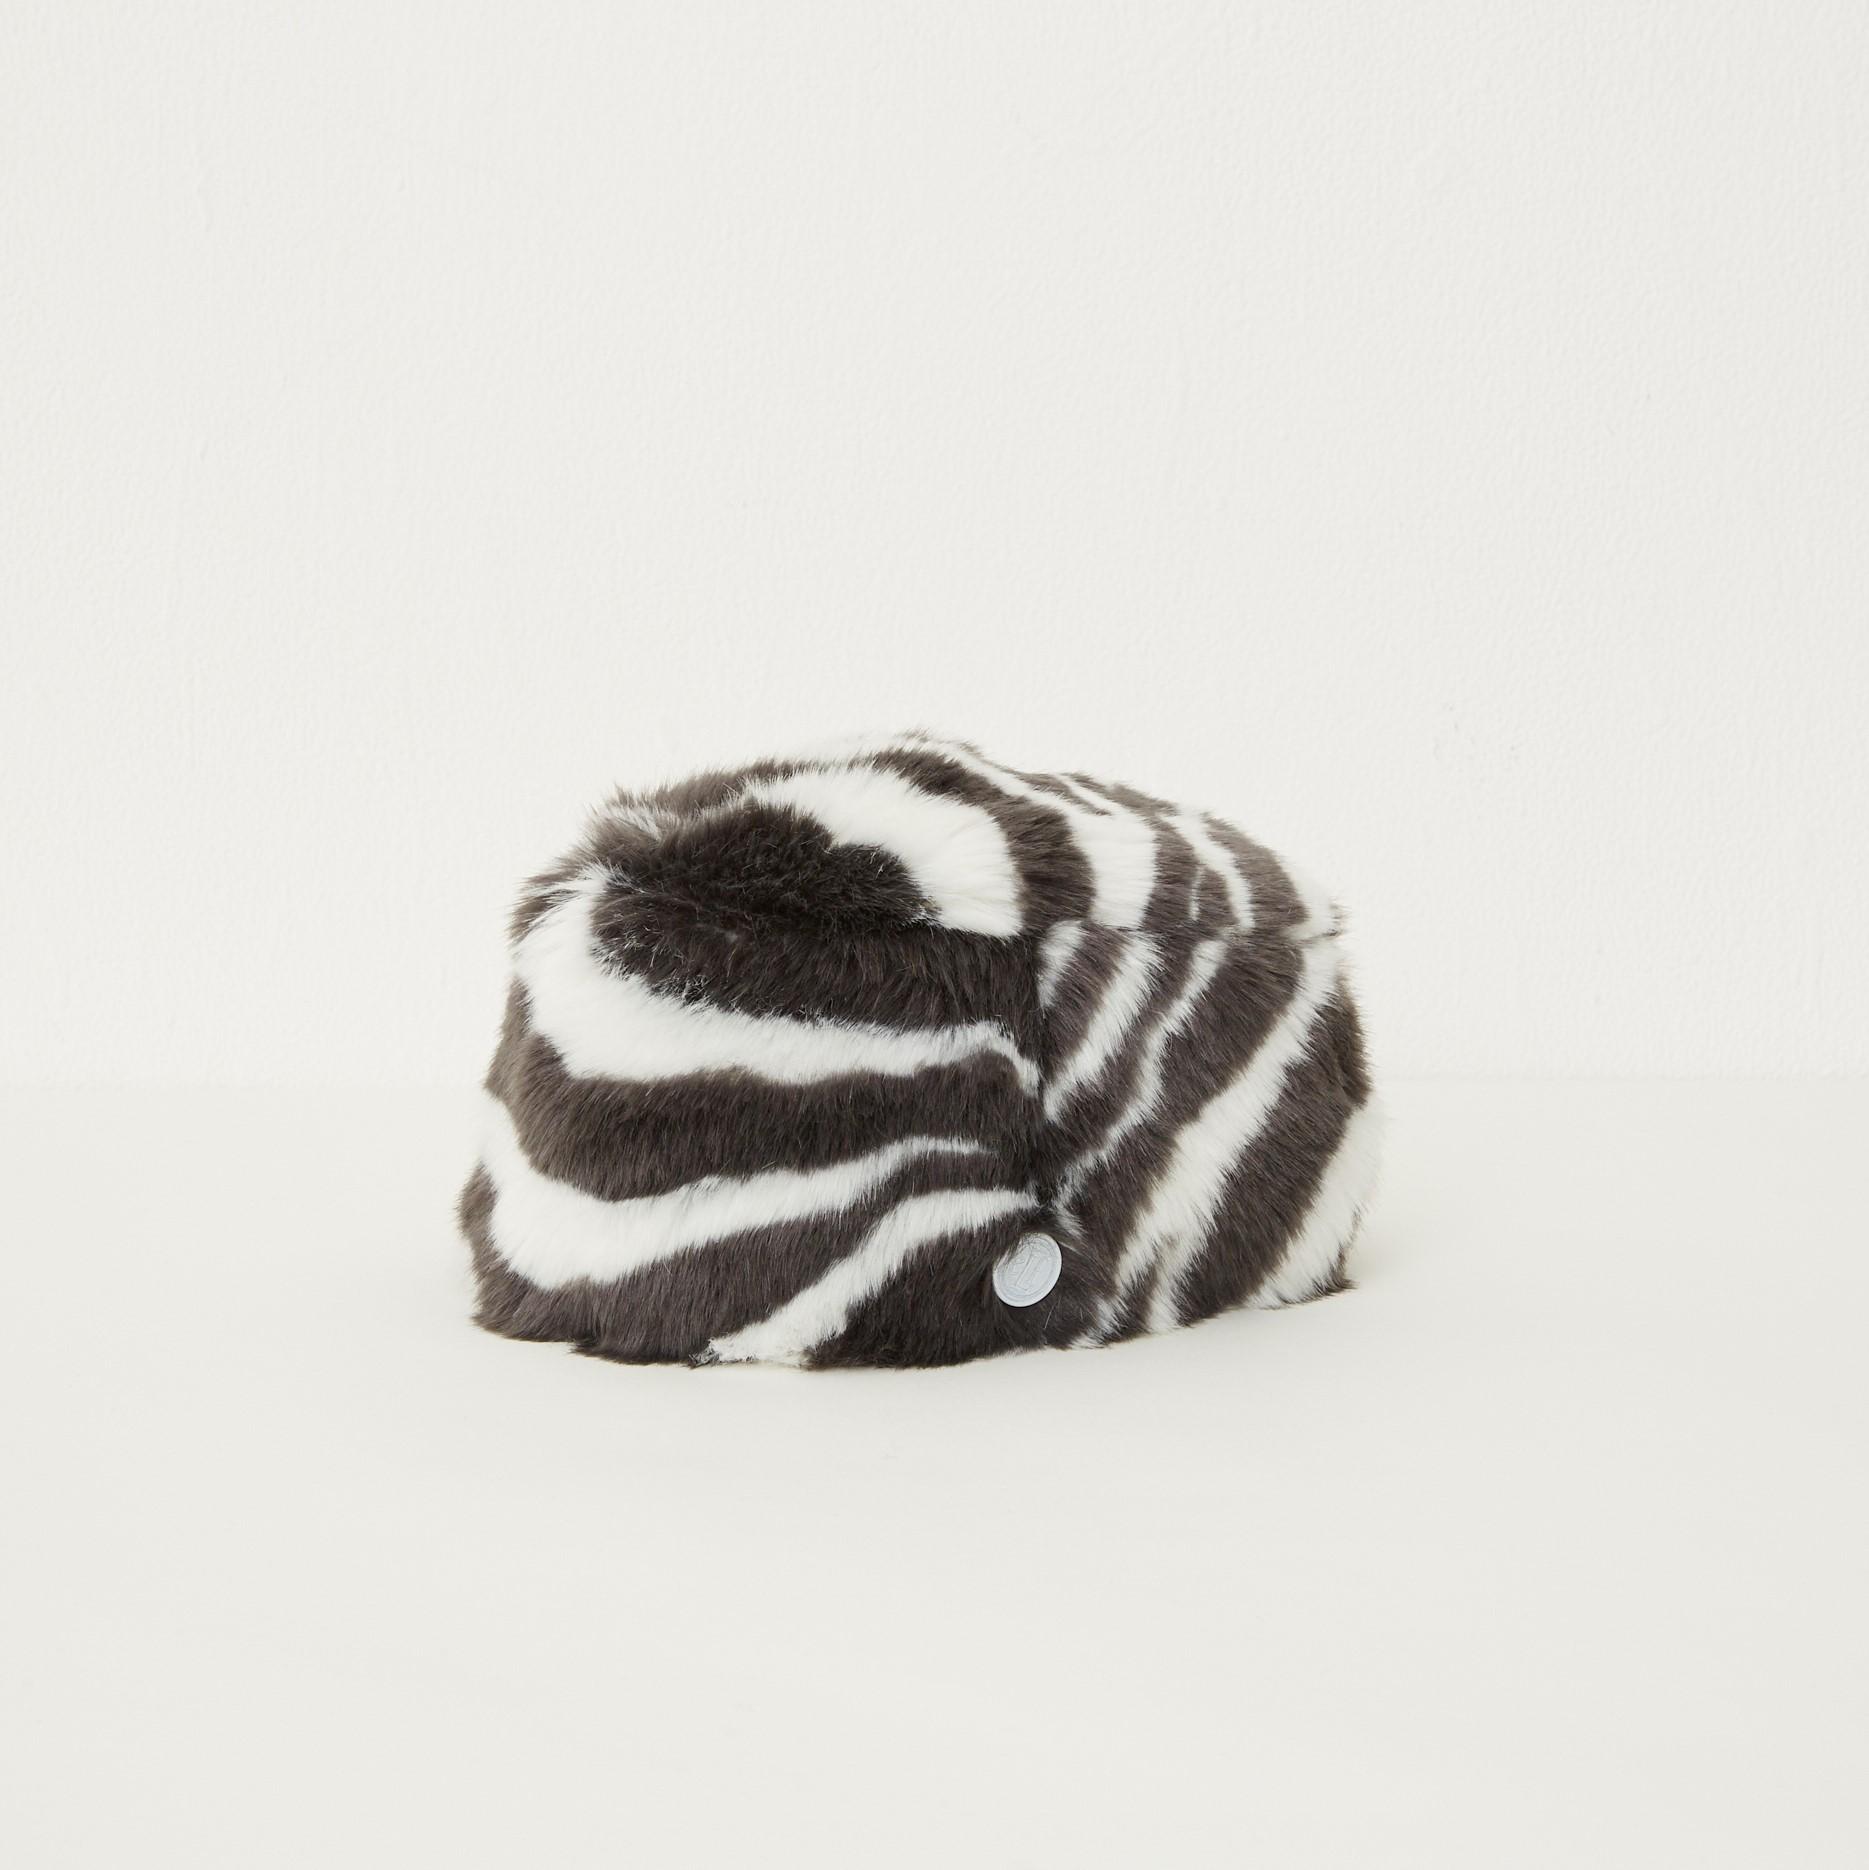 【eLfinFolk】Zebra fur toque HAT  by CA4LA